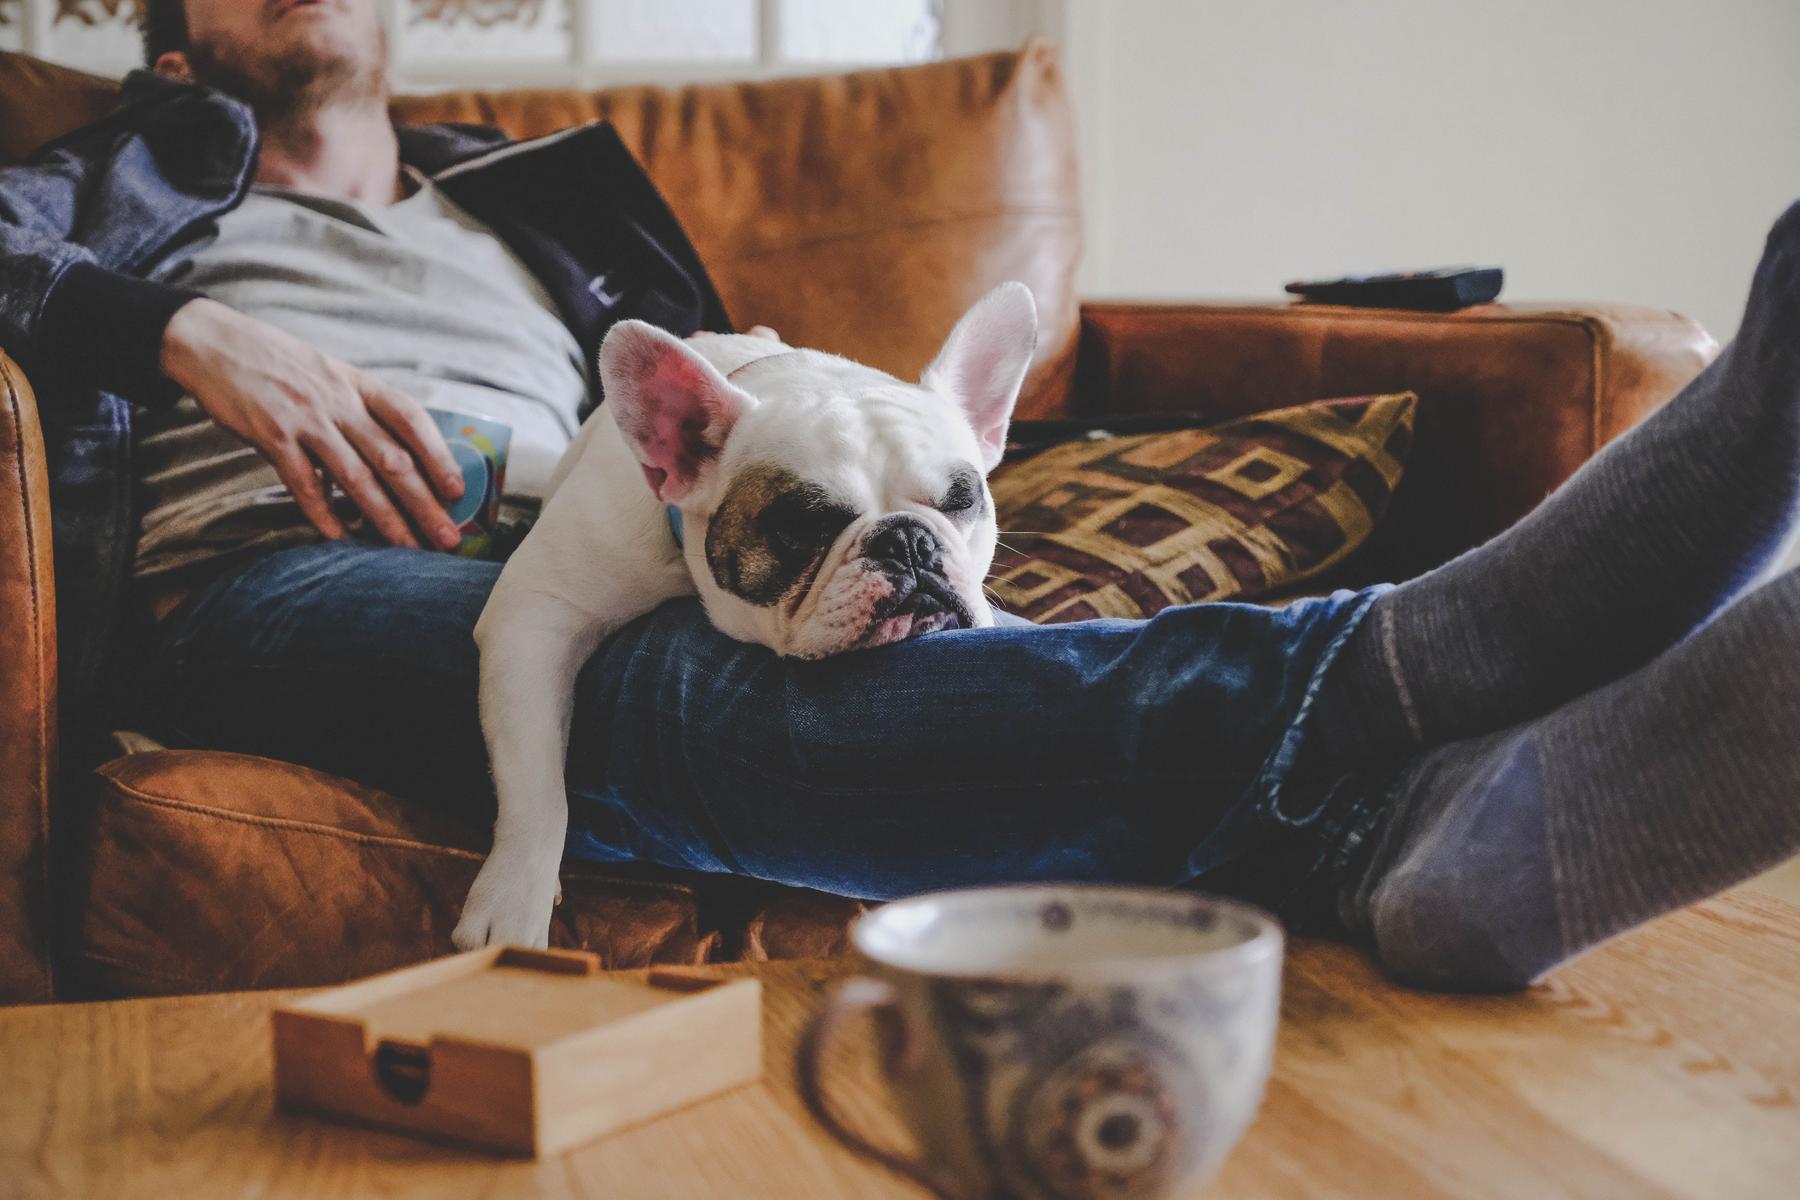 Séance moins intense qu'auparavant ? Quand doit-on prendre un jour de repos ?